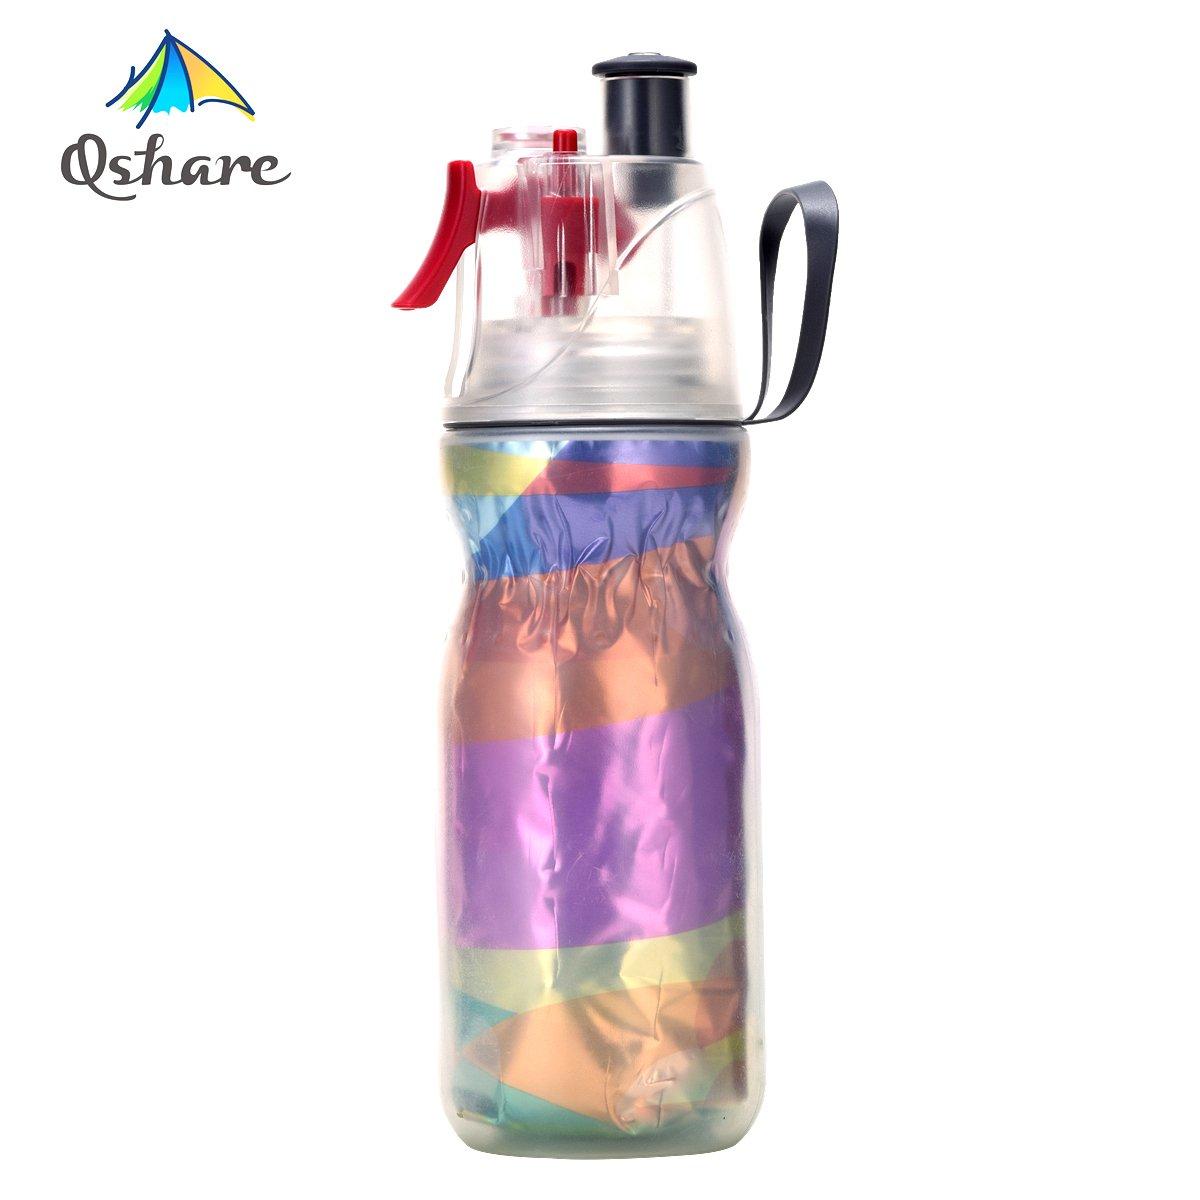 Qshare - Botella de escurrimiento de neblina de aerosol, Botella de agua deportiva con rociador de neblina, hidratación del deporte al aire libre, BPA libremente